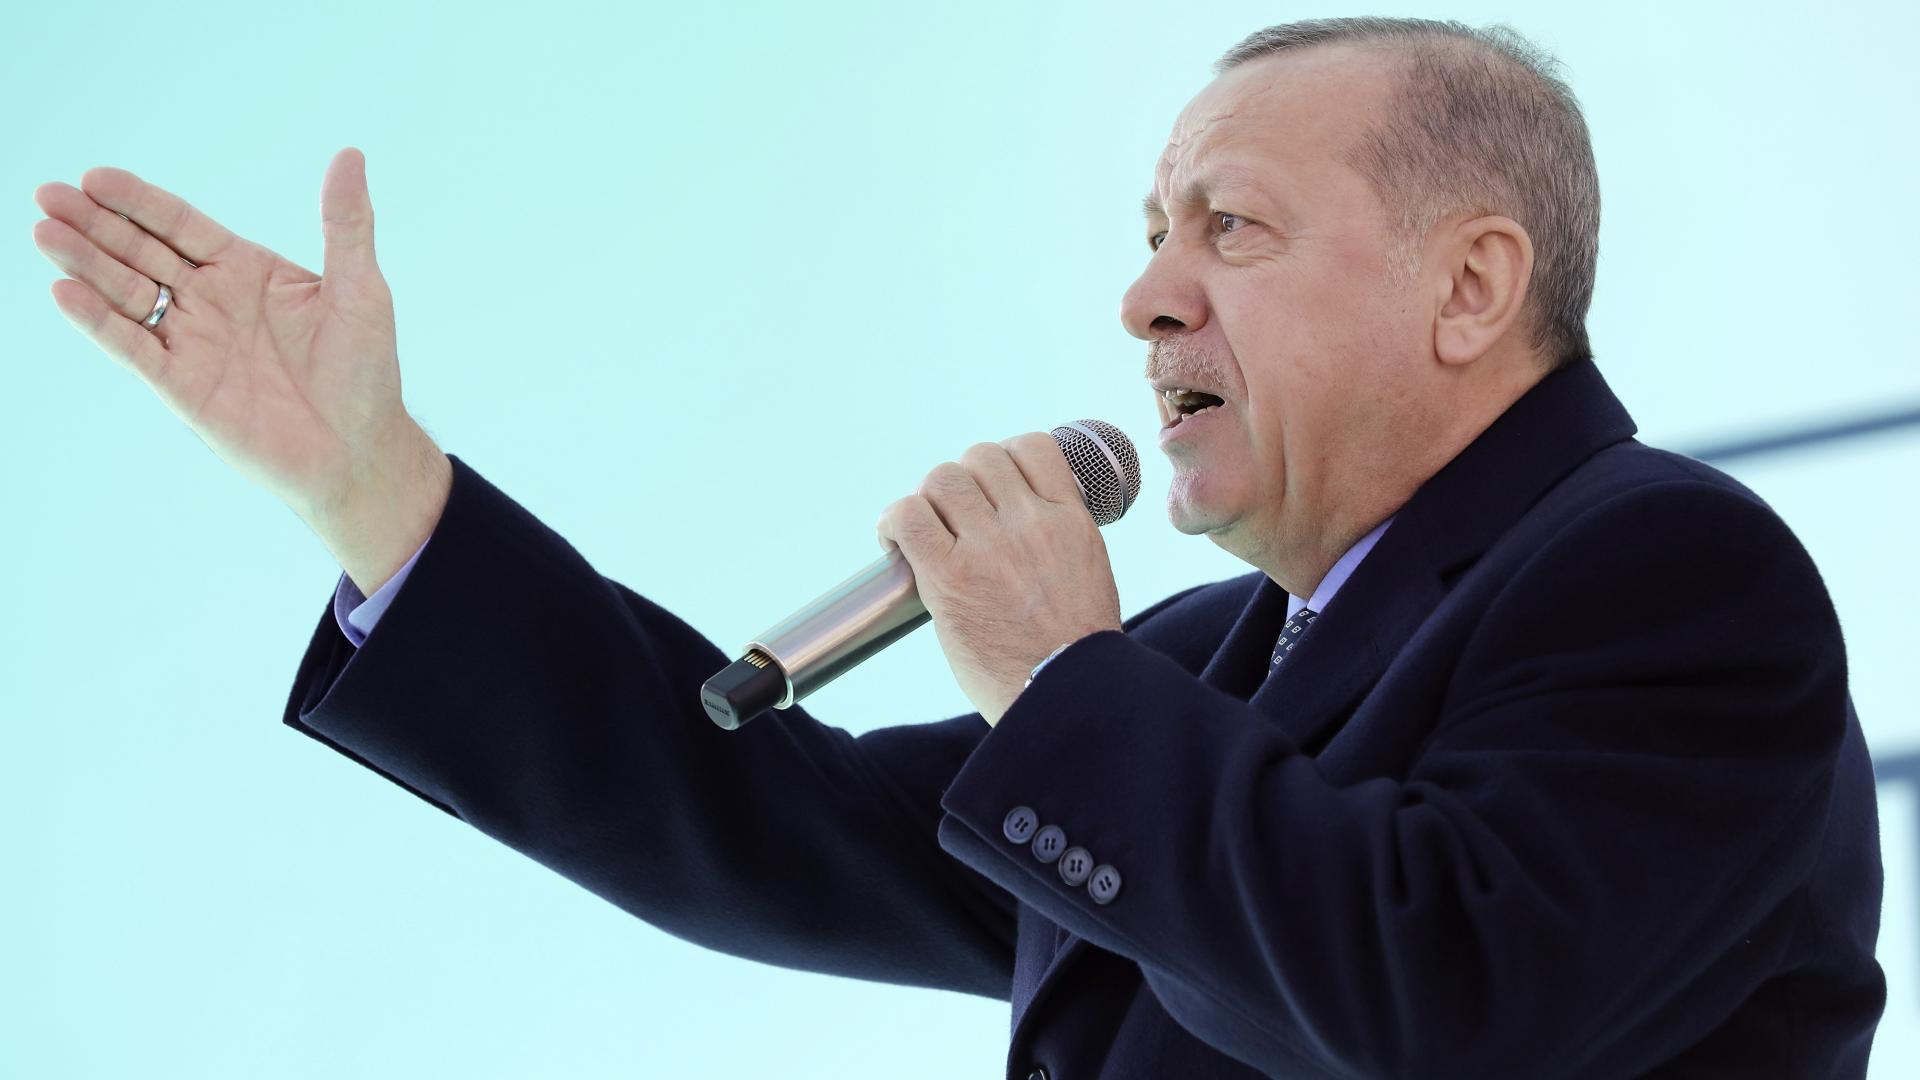 أردوغان: لم نسلم جميع وثائق جريمة خاشقجي وملتزمون بنقل القضية للمحكمة الدولية